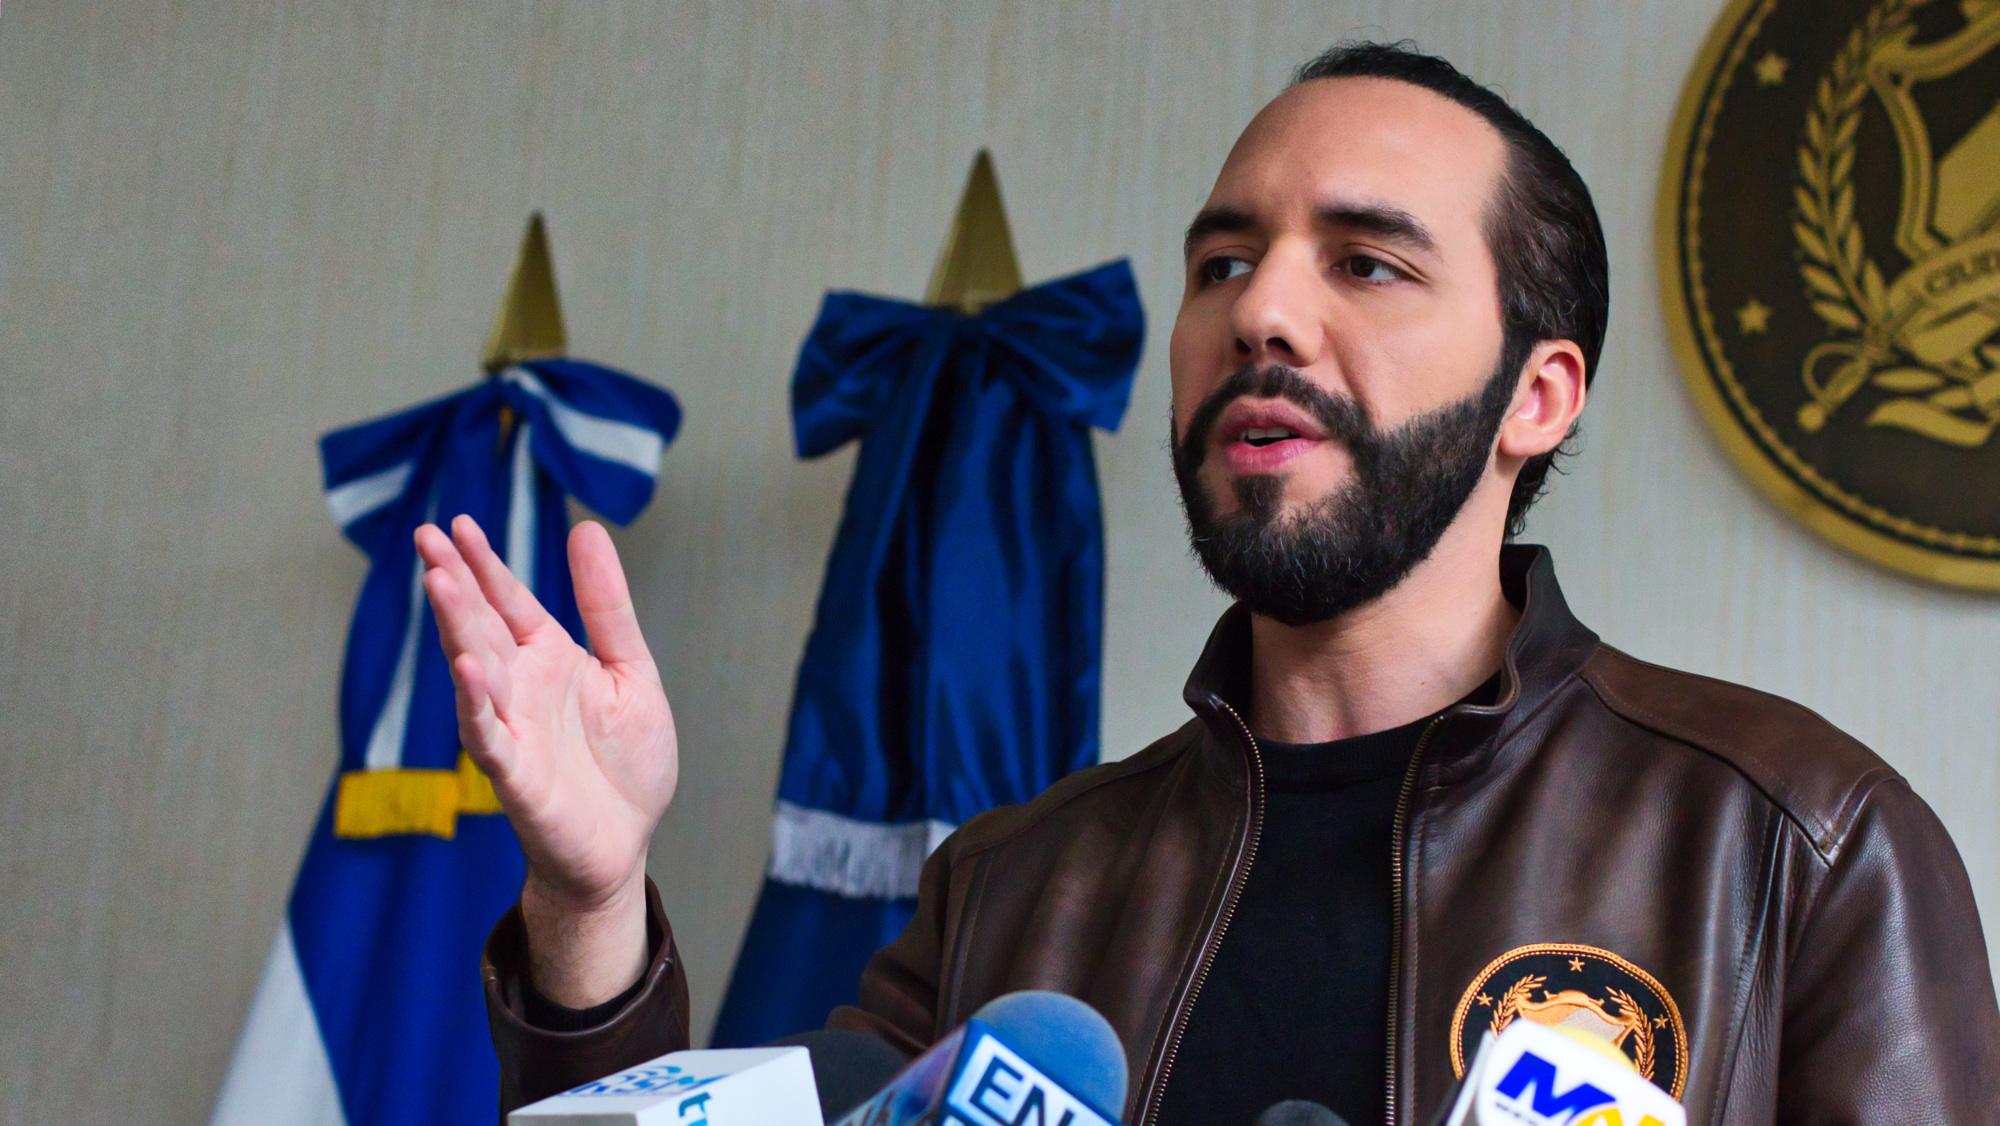 Probidad pide un juicio civil contra Nayib Bukele por no declarar a Hacienda donaciones familiares